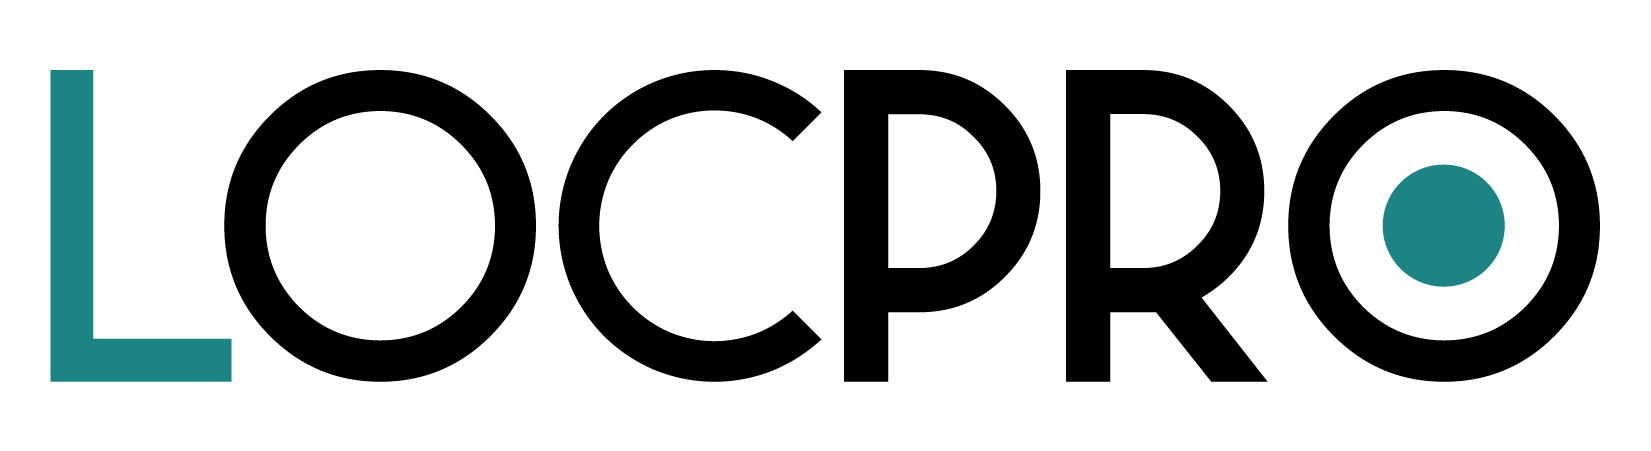 LOCPRO-1